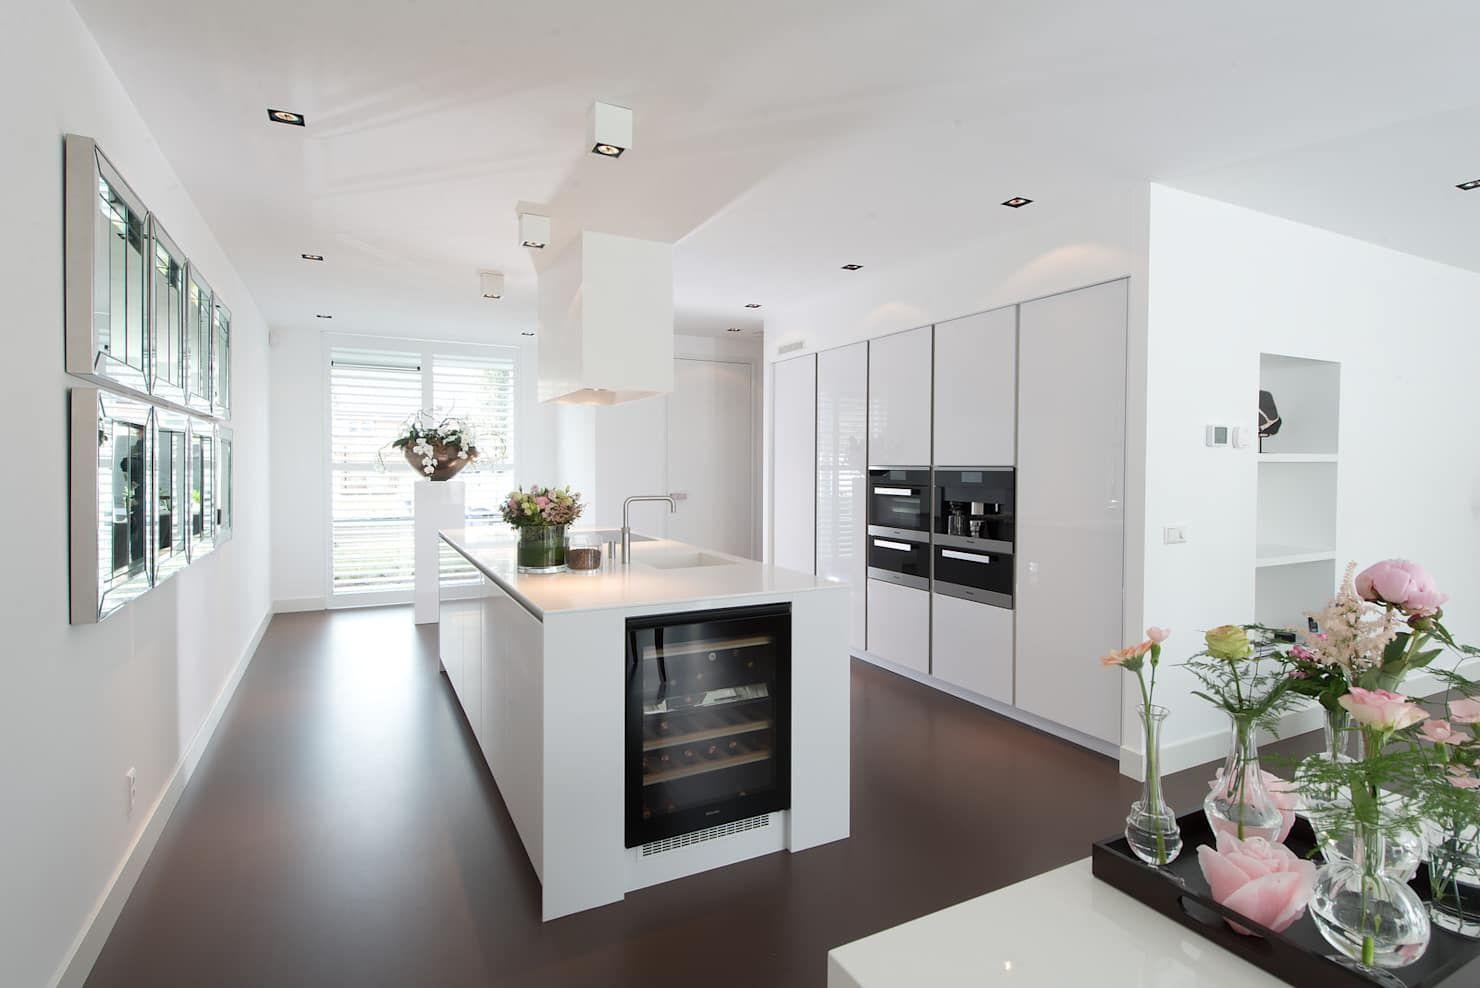 Wohnideen interior design einrichtungsideen bilder moderne